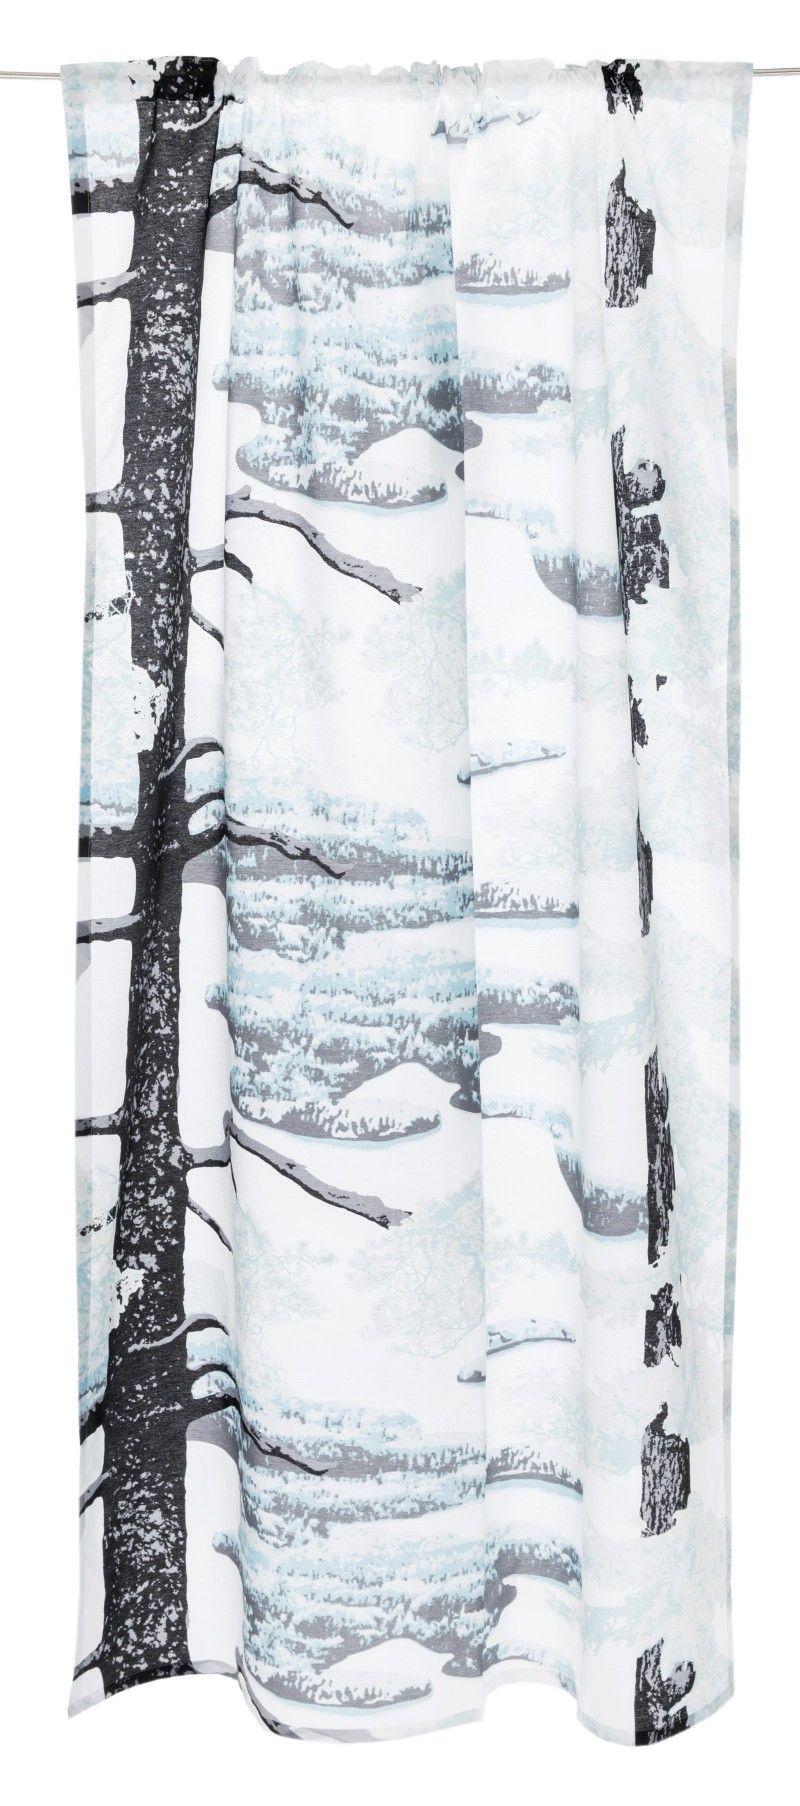 <p><span>Punkaharju Classic -valmisverhon kuosi taltioi otoksen kaunista suomalaista kansallismaisemaa harjulta alas katsottuna. Vahvojen puunrunkojen välistä avautuu komea ja rauhoittava järvi- ja saarimaisema. Kuosin on suunnitellut Riina